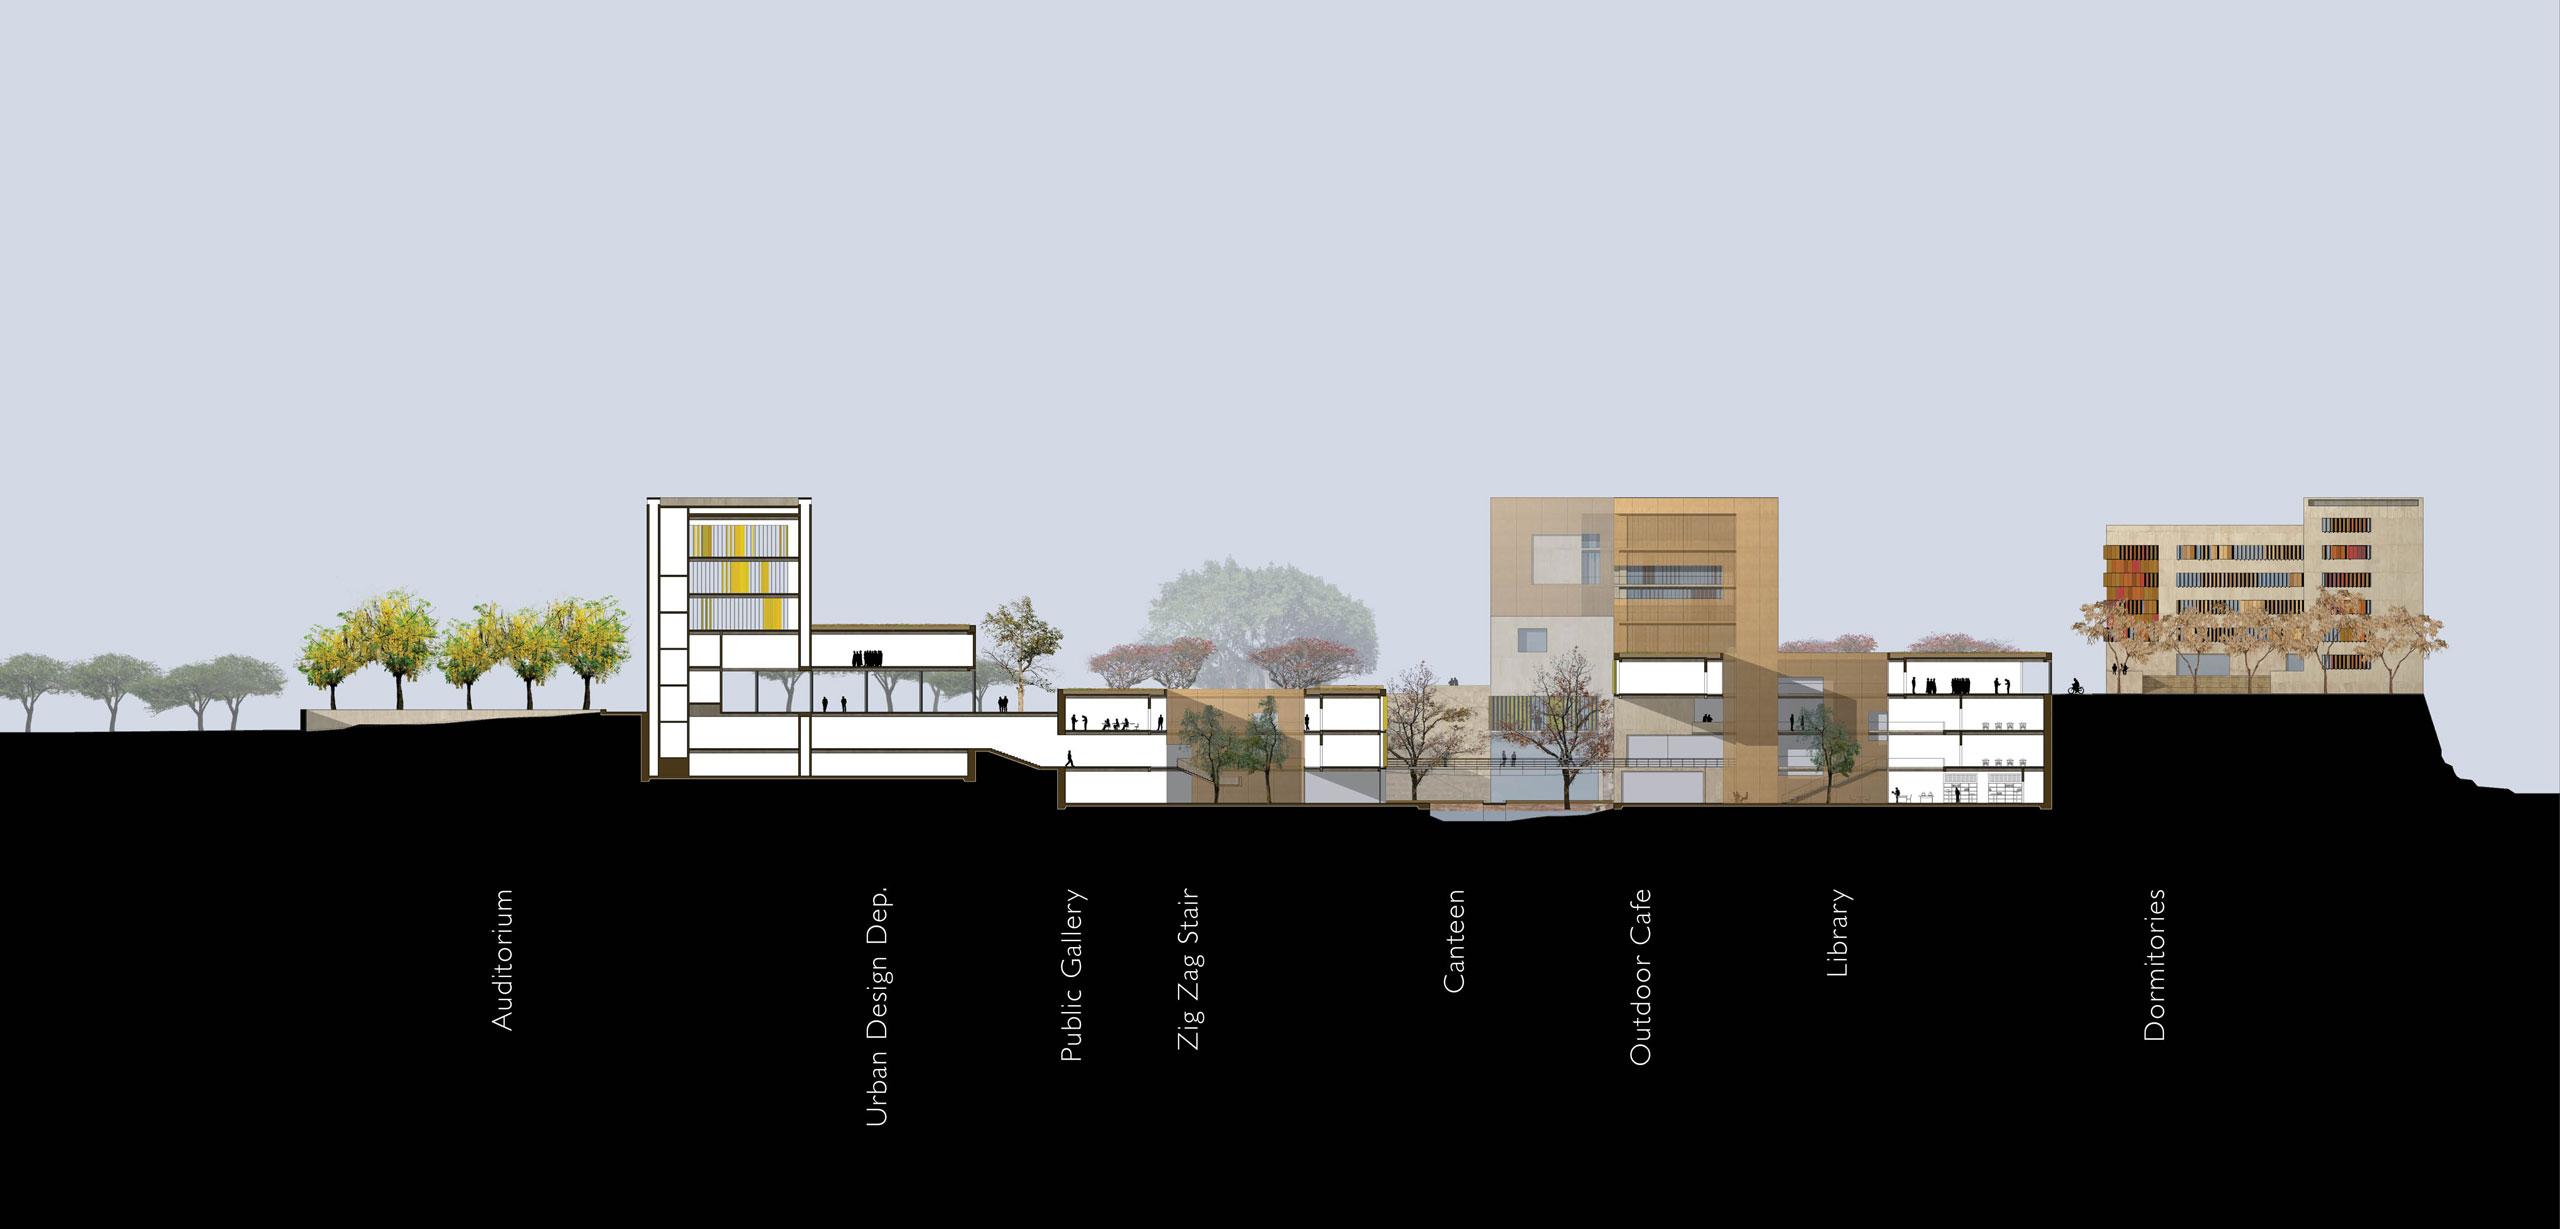 spa delhi competition design section school design